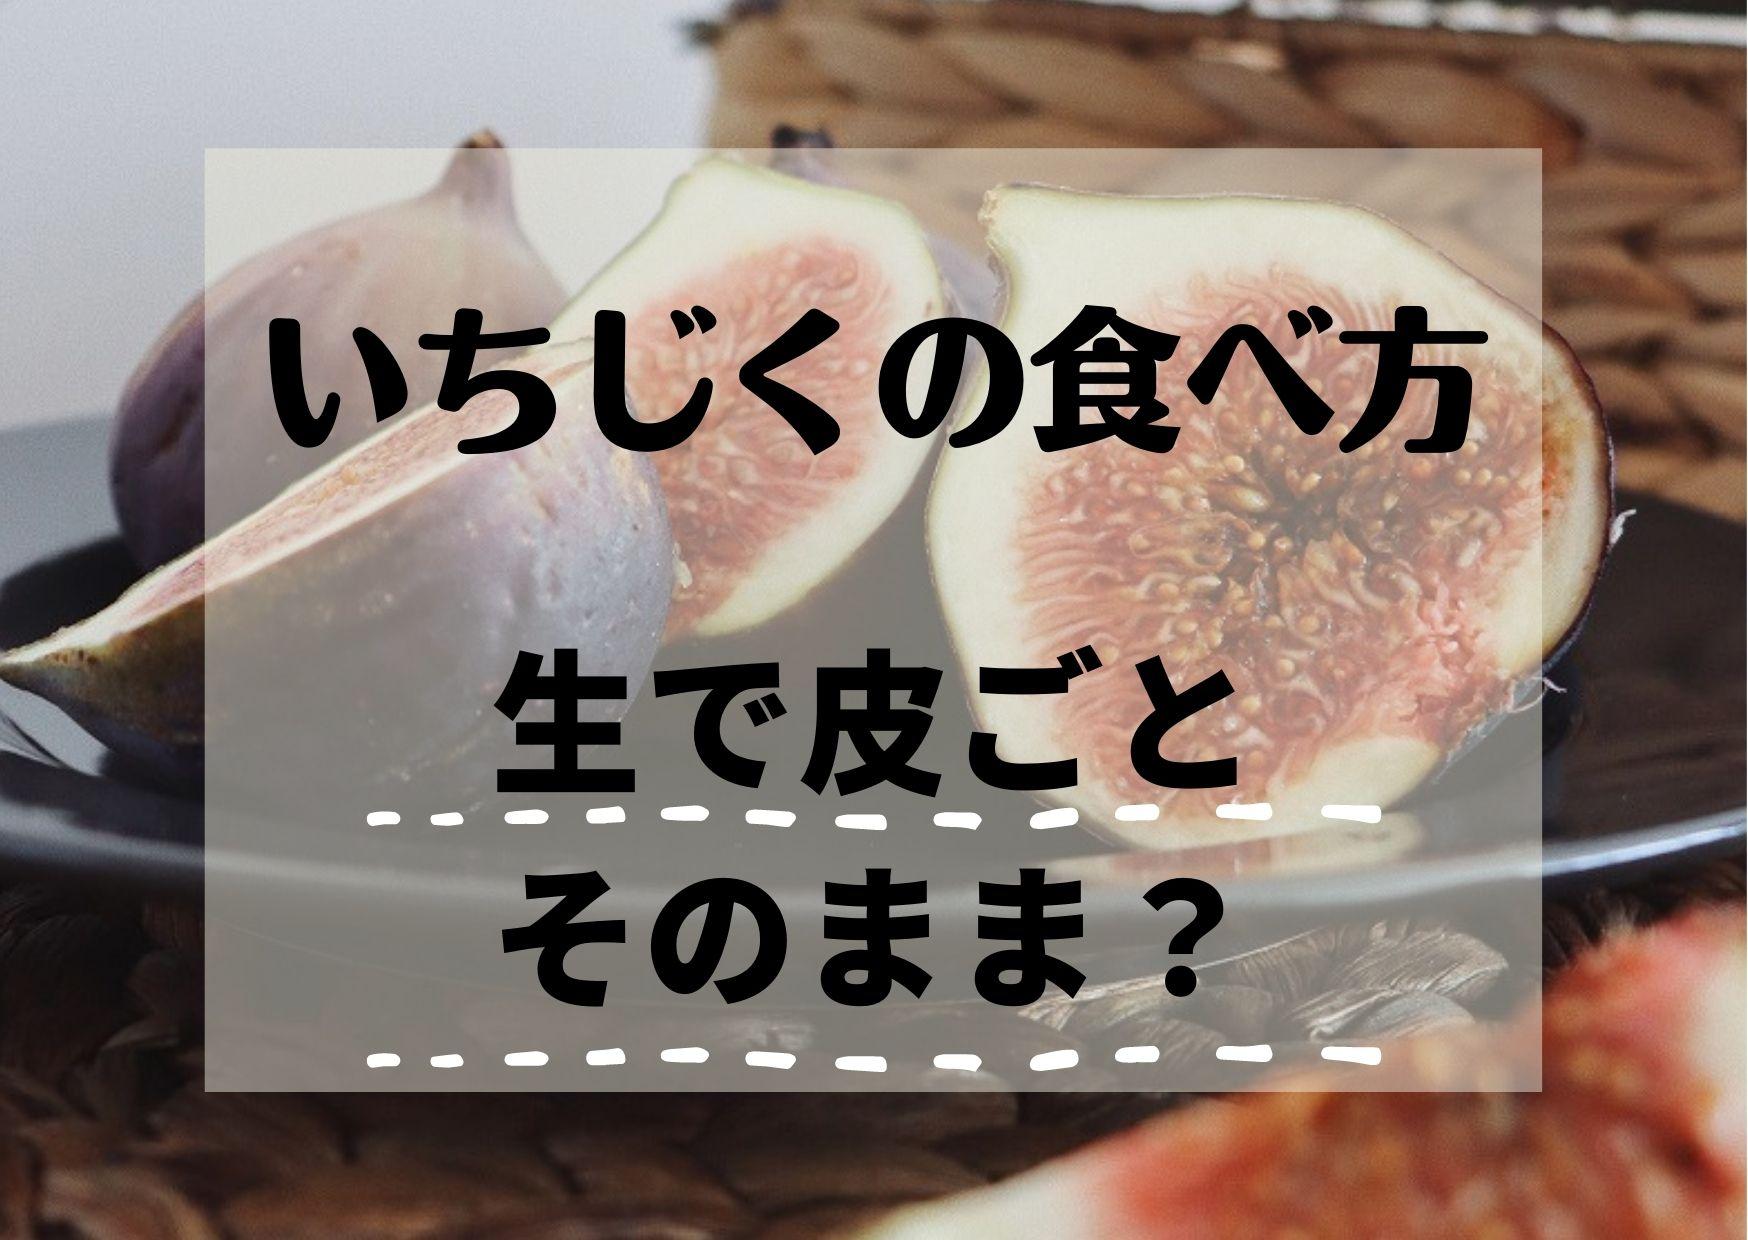 いちじくの食べ方は生で皮ごとそのまま?注意が必要なのはどんな時